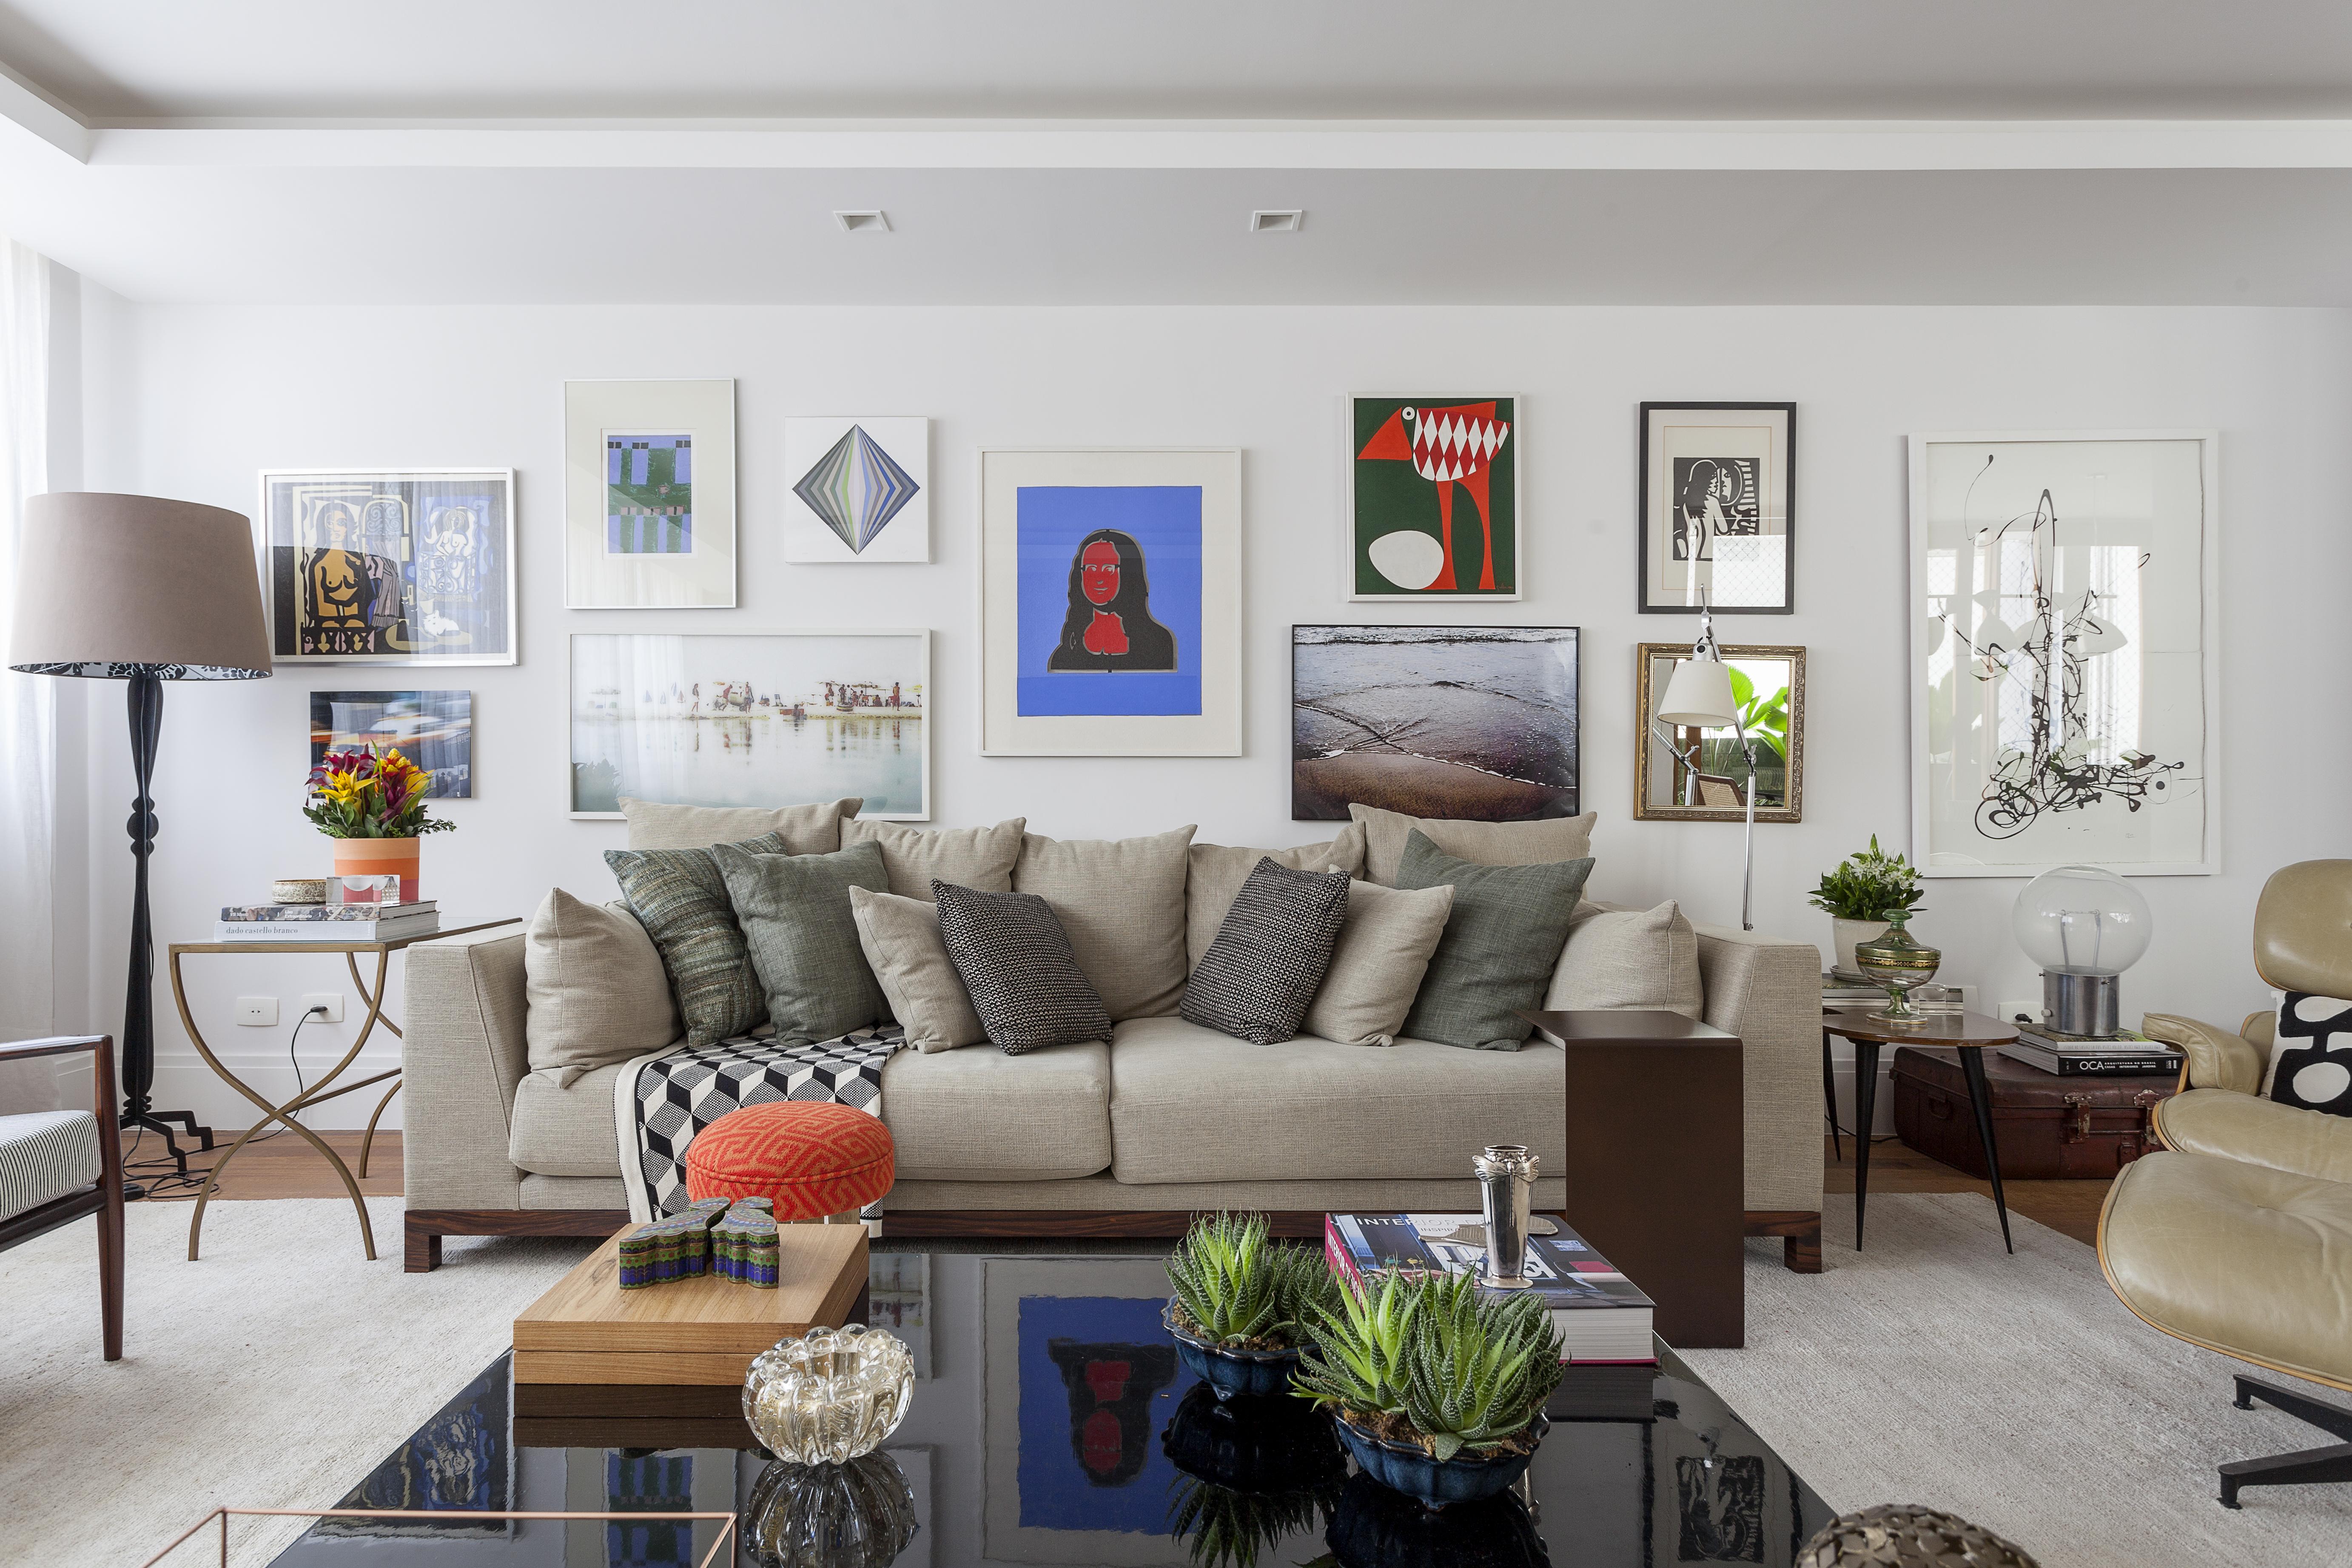 Em primeiro plano aparece uma mesa de centro de laca preta bastante grande com vasos e objetos decorativos sobre ela. Ao fundo, um sofá de linho cru com almofadas verdes e uma parede estilo gallery wall, com diversos quadros